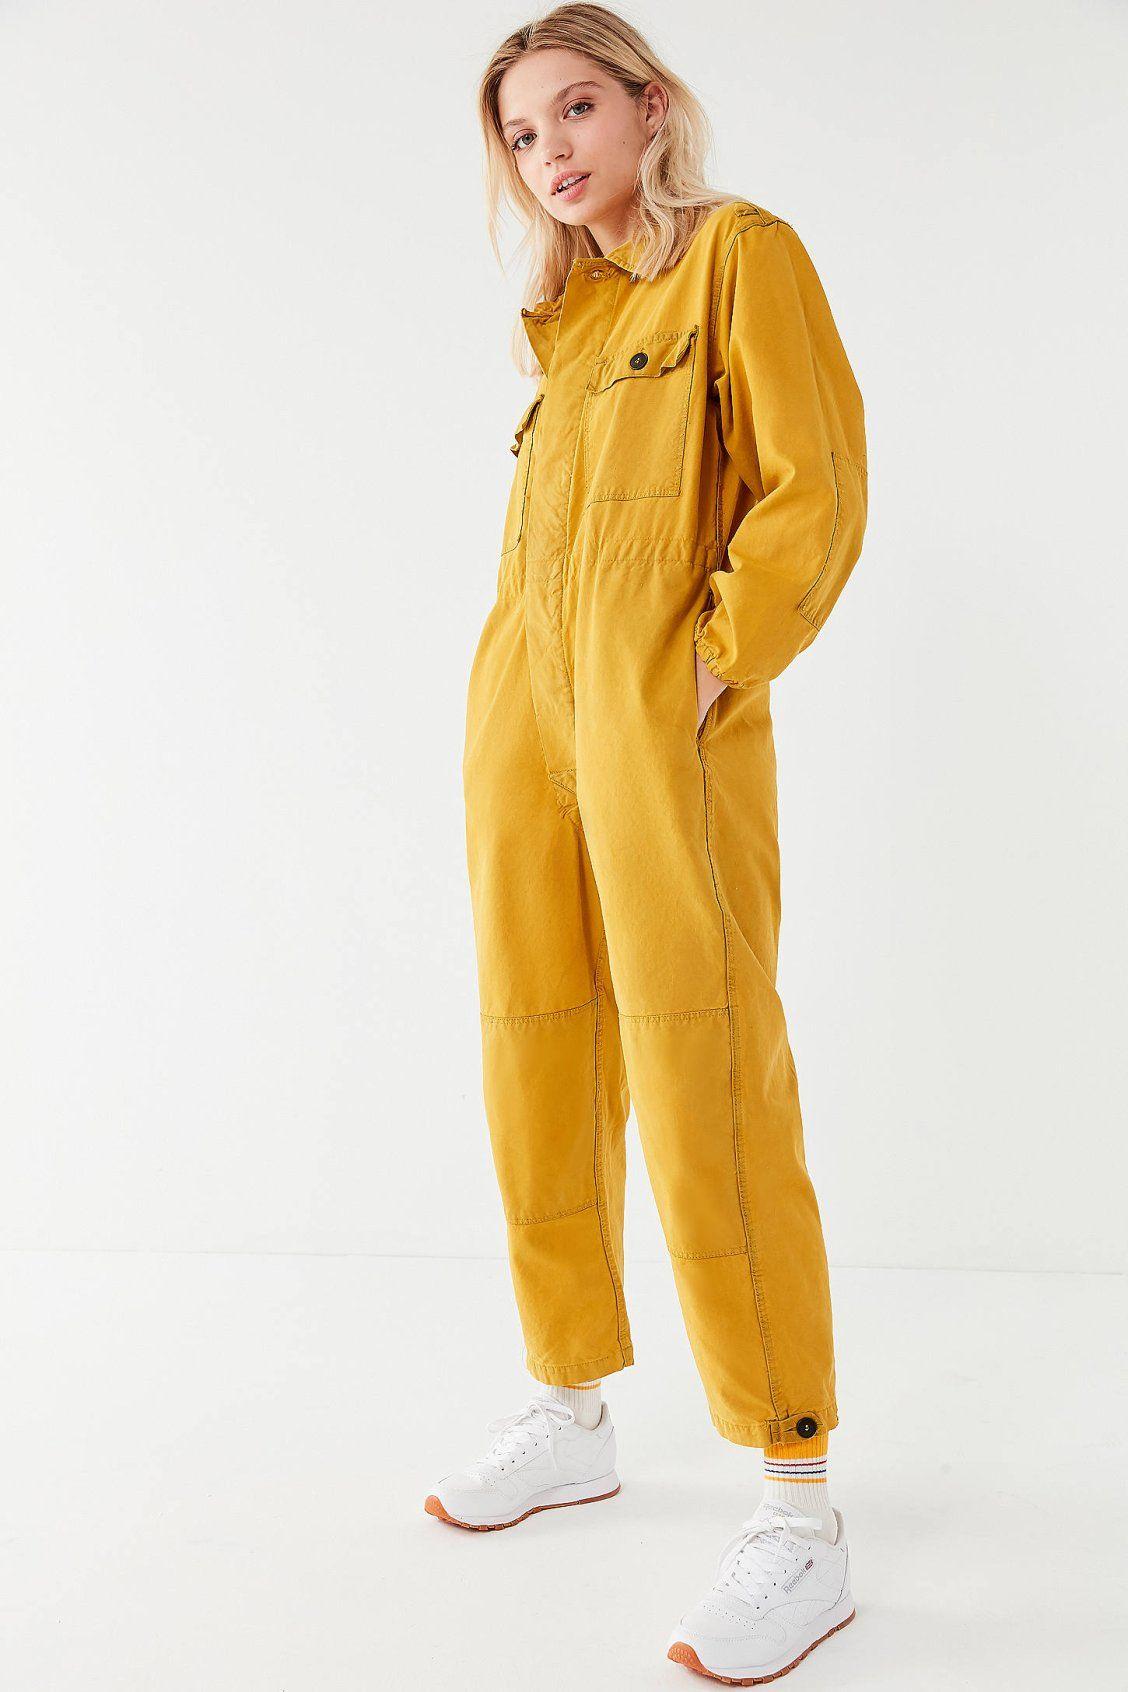 Vintage Overdyed Jumpsuit   New Arrivals   Pinterest   Jumpsuit ... 2fcfd414dc